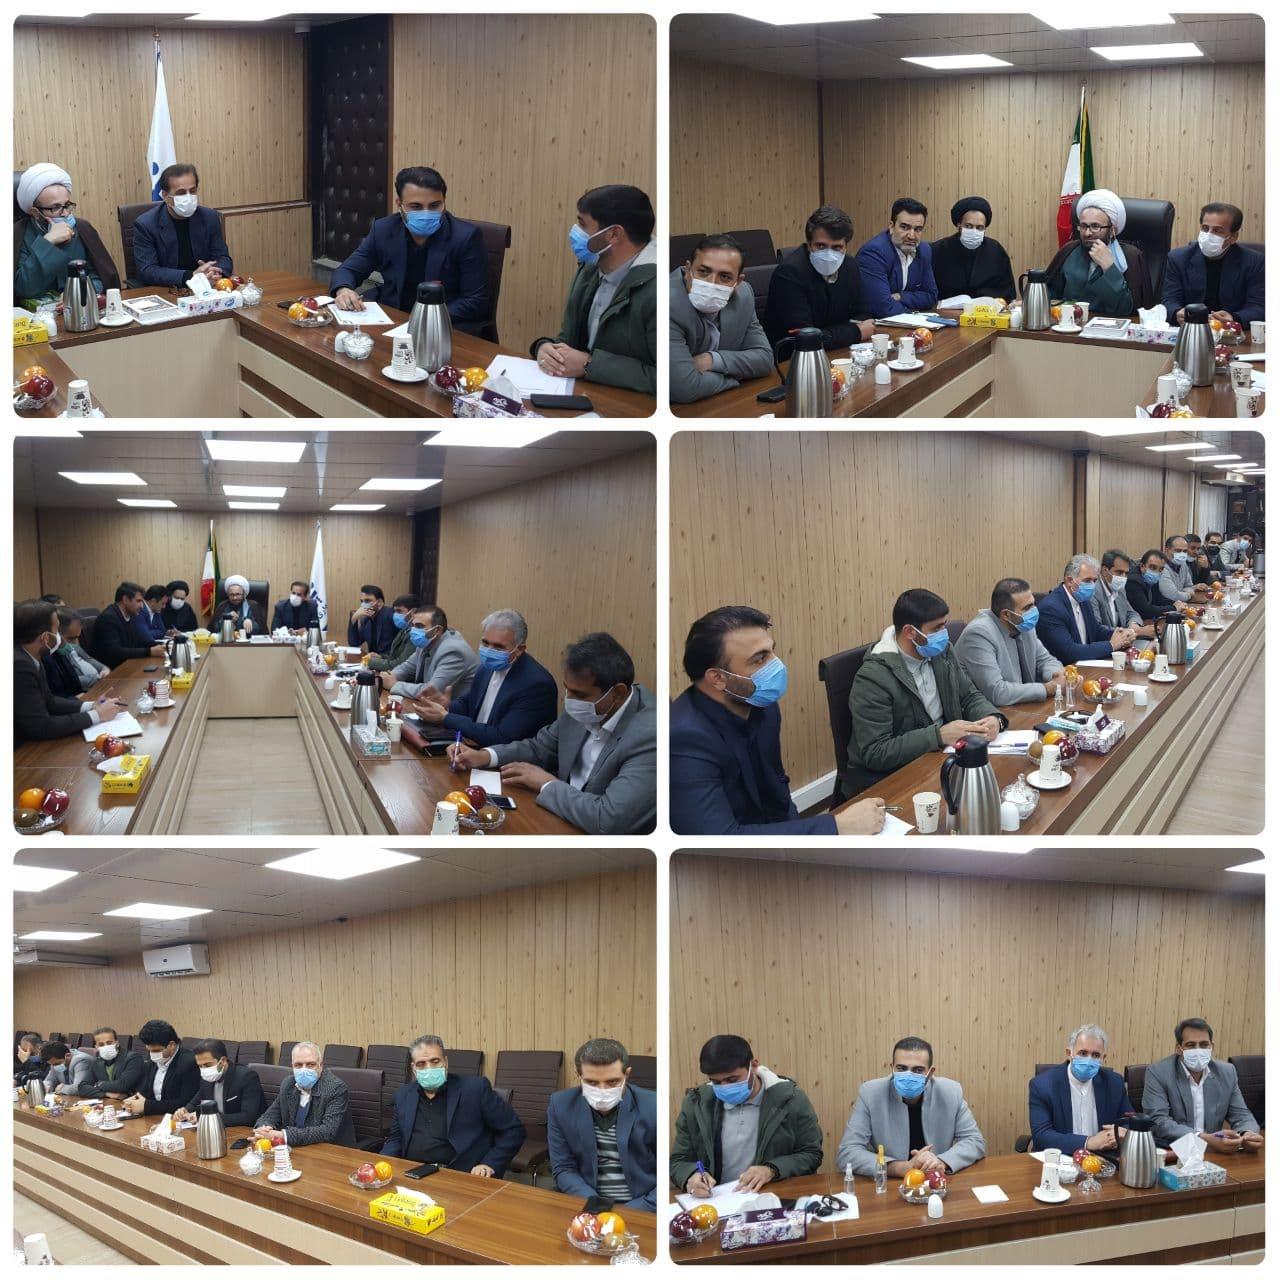 برگزاری دومین جلسه هماهنگی دستگاه های اجرایی و خدمات رسان در شهرداری پرند